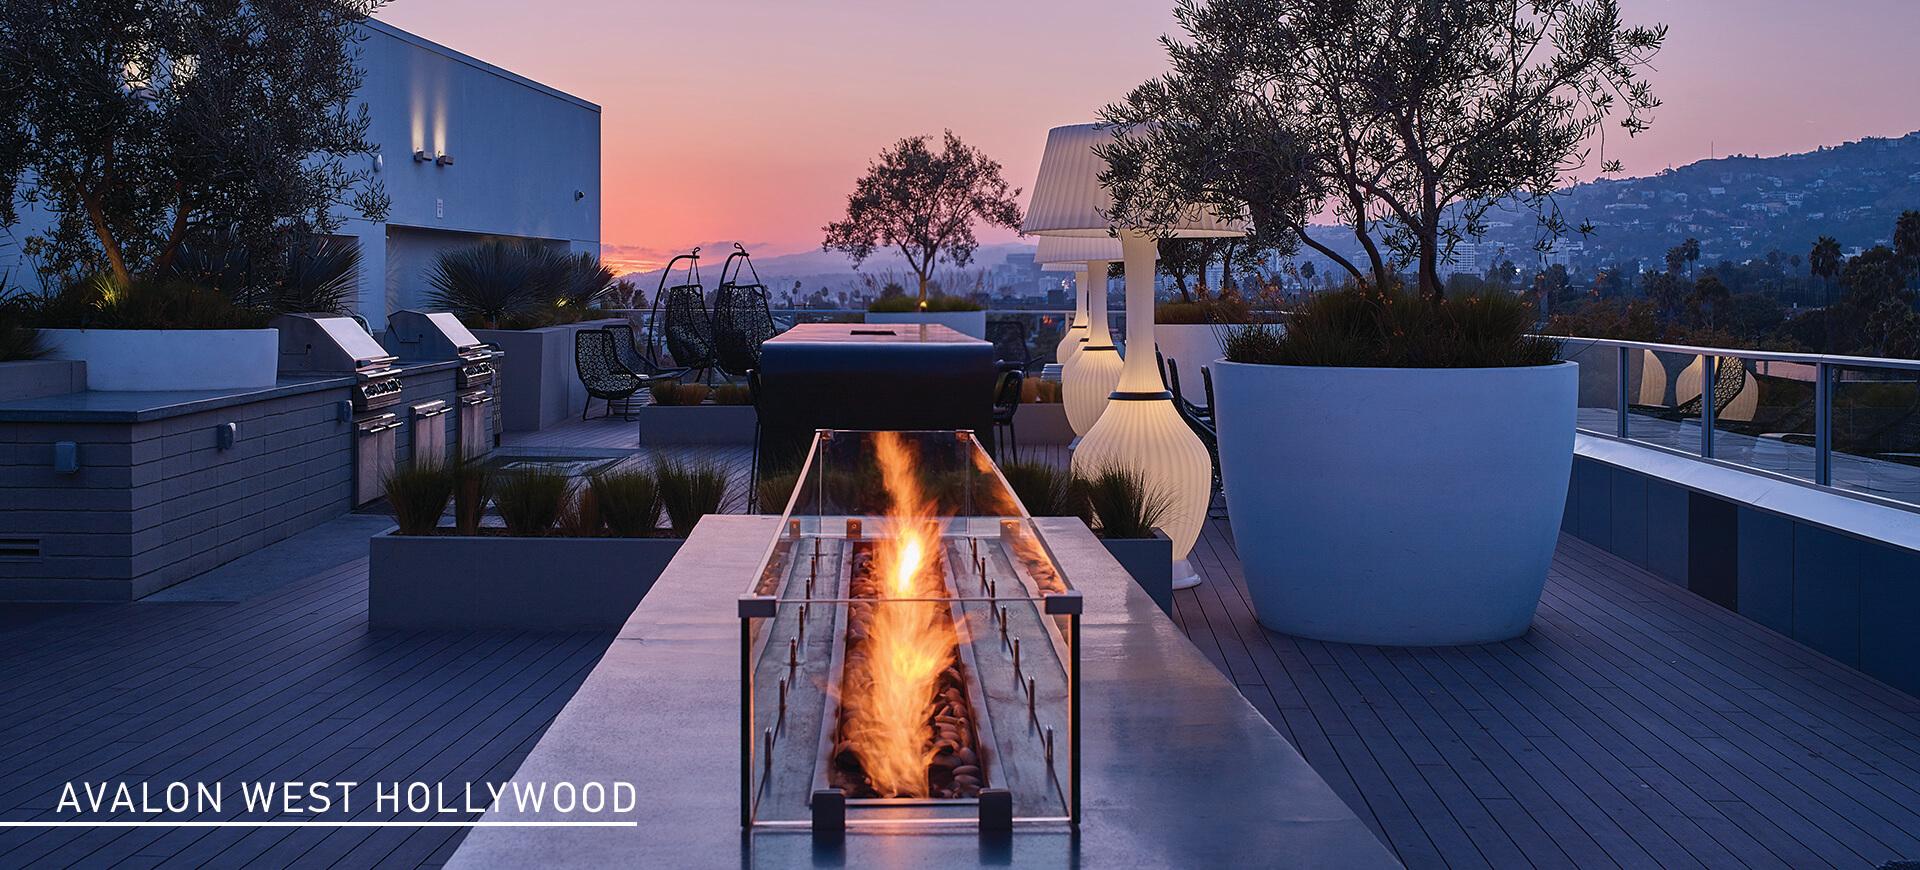 Avalon West Hollywood 2